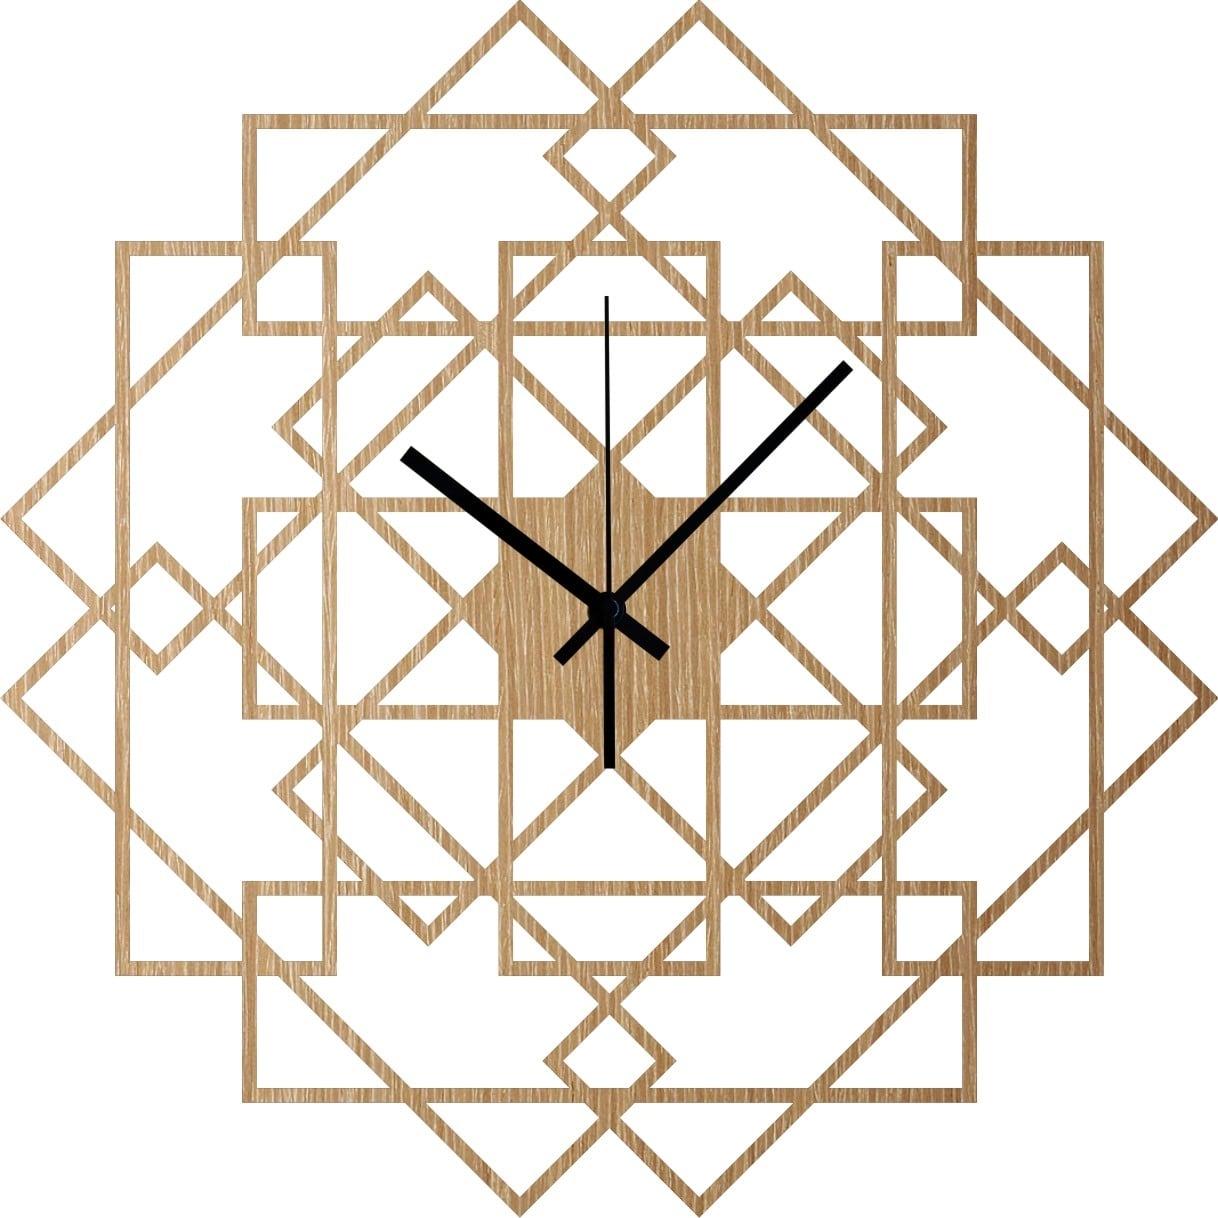 Horloge murale bois square pour une touche nature dans votre intérieur